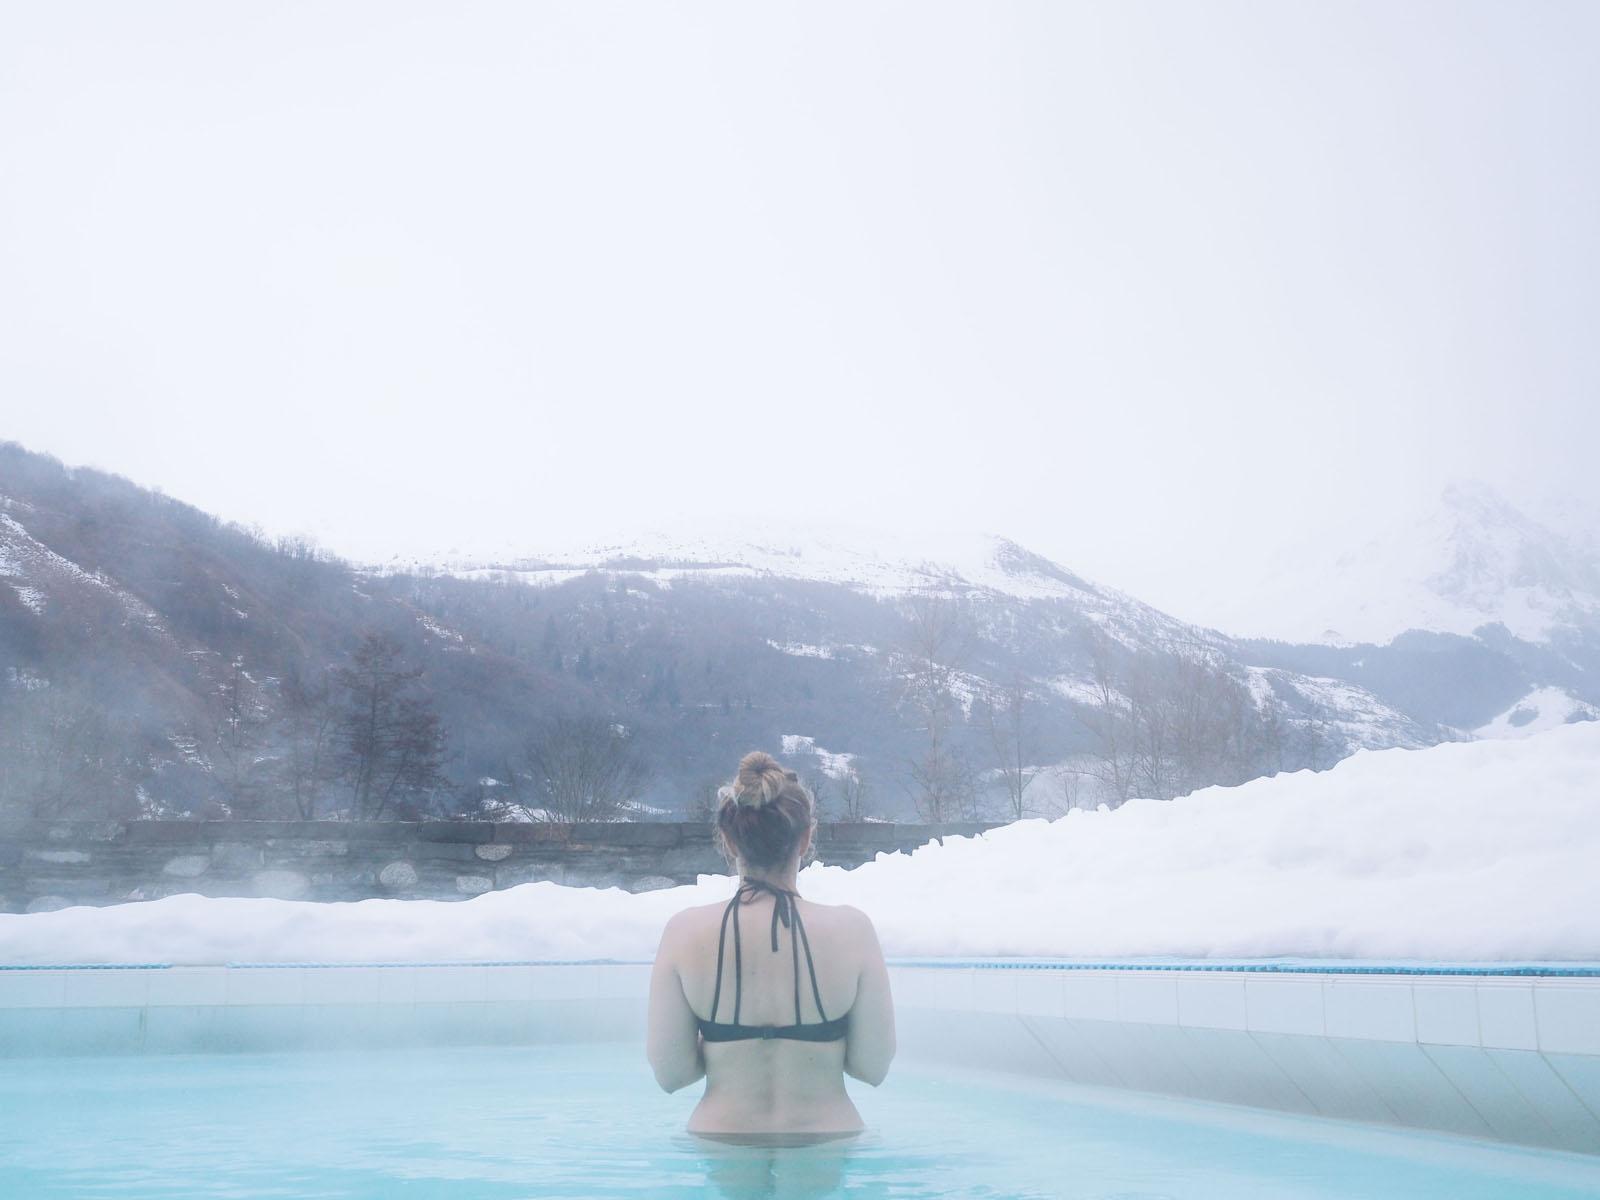 Vacances au ski en famille Hautes Pyrenees bonnes adresses hotel station l La Fiancee du Panda blog mariage et lifestyle-1028165